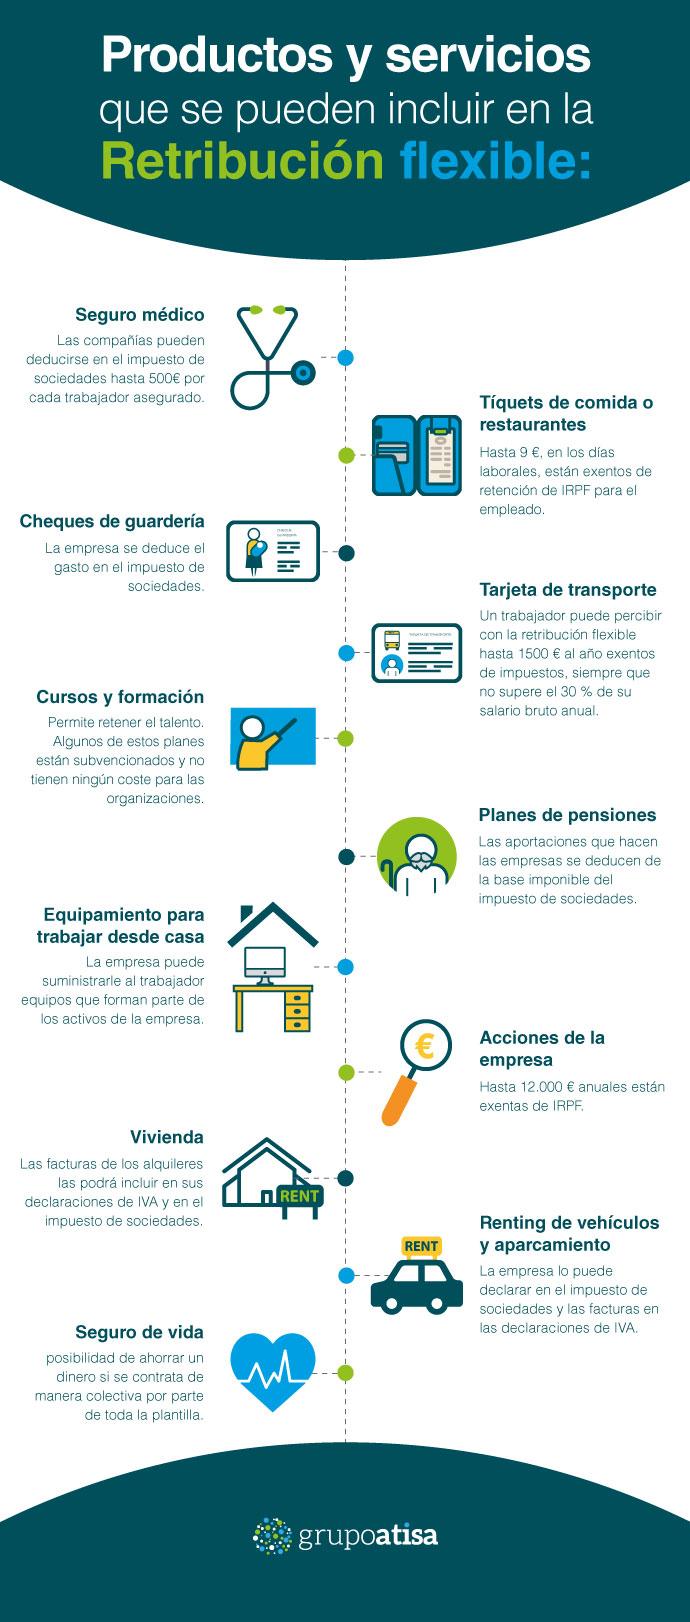 infografía sobre productos y servicios que se pueden incluir en la retribución flexible